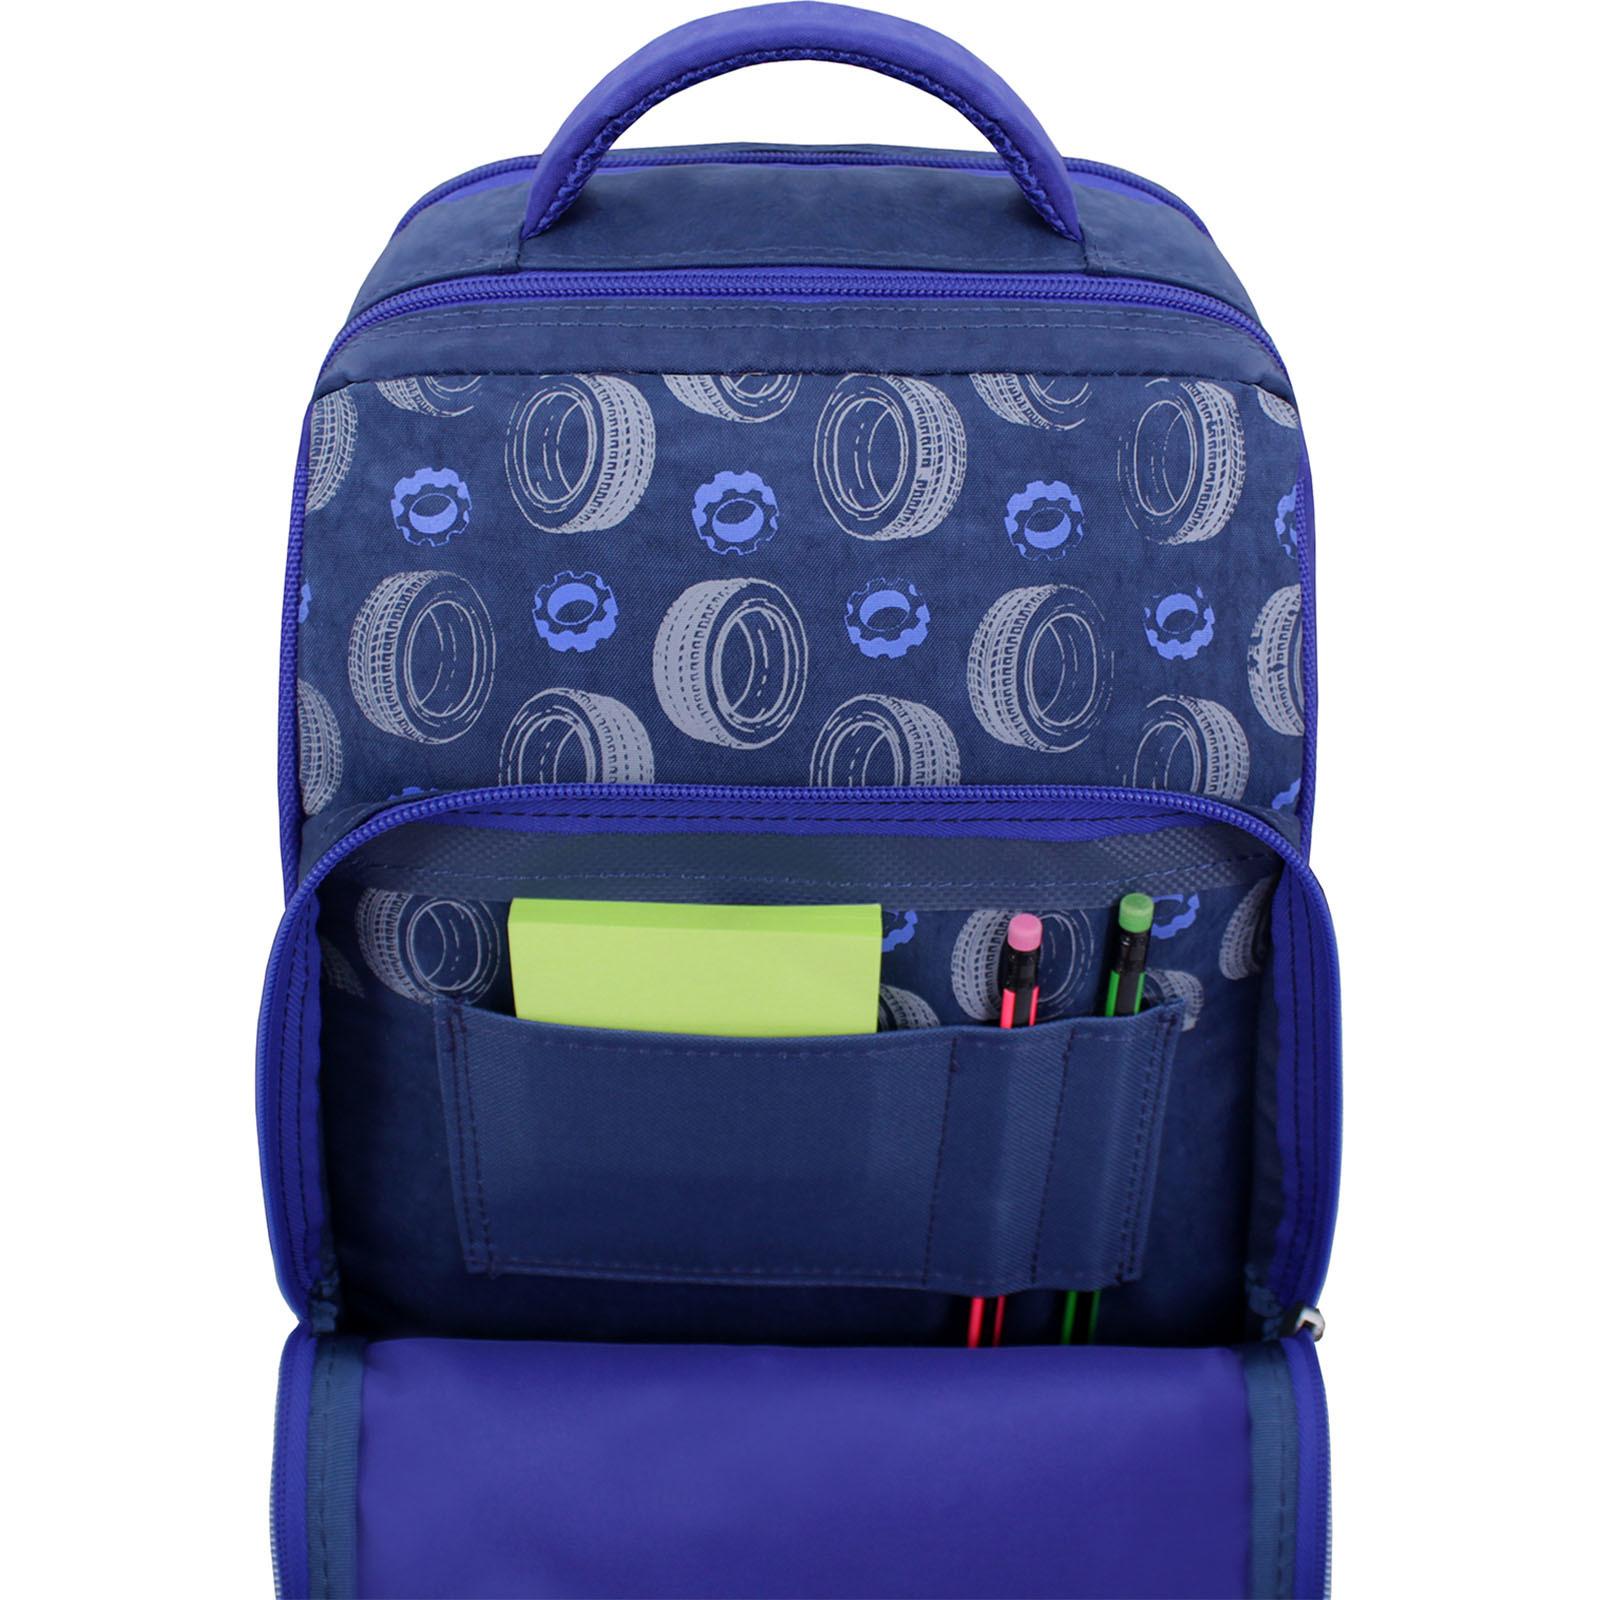 Рюкзак школьный Bagland Школьник 8 л. 225 синий 551 (00112702) фото 4